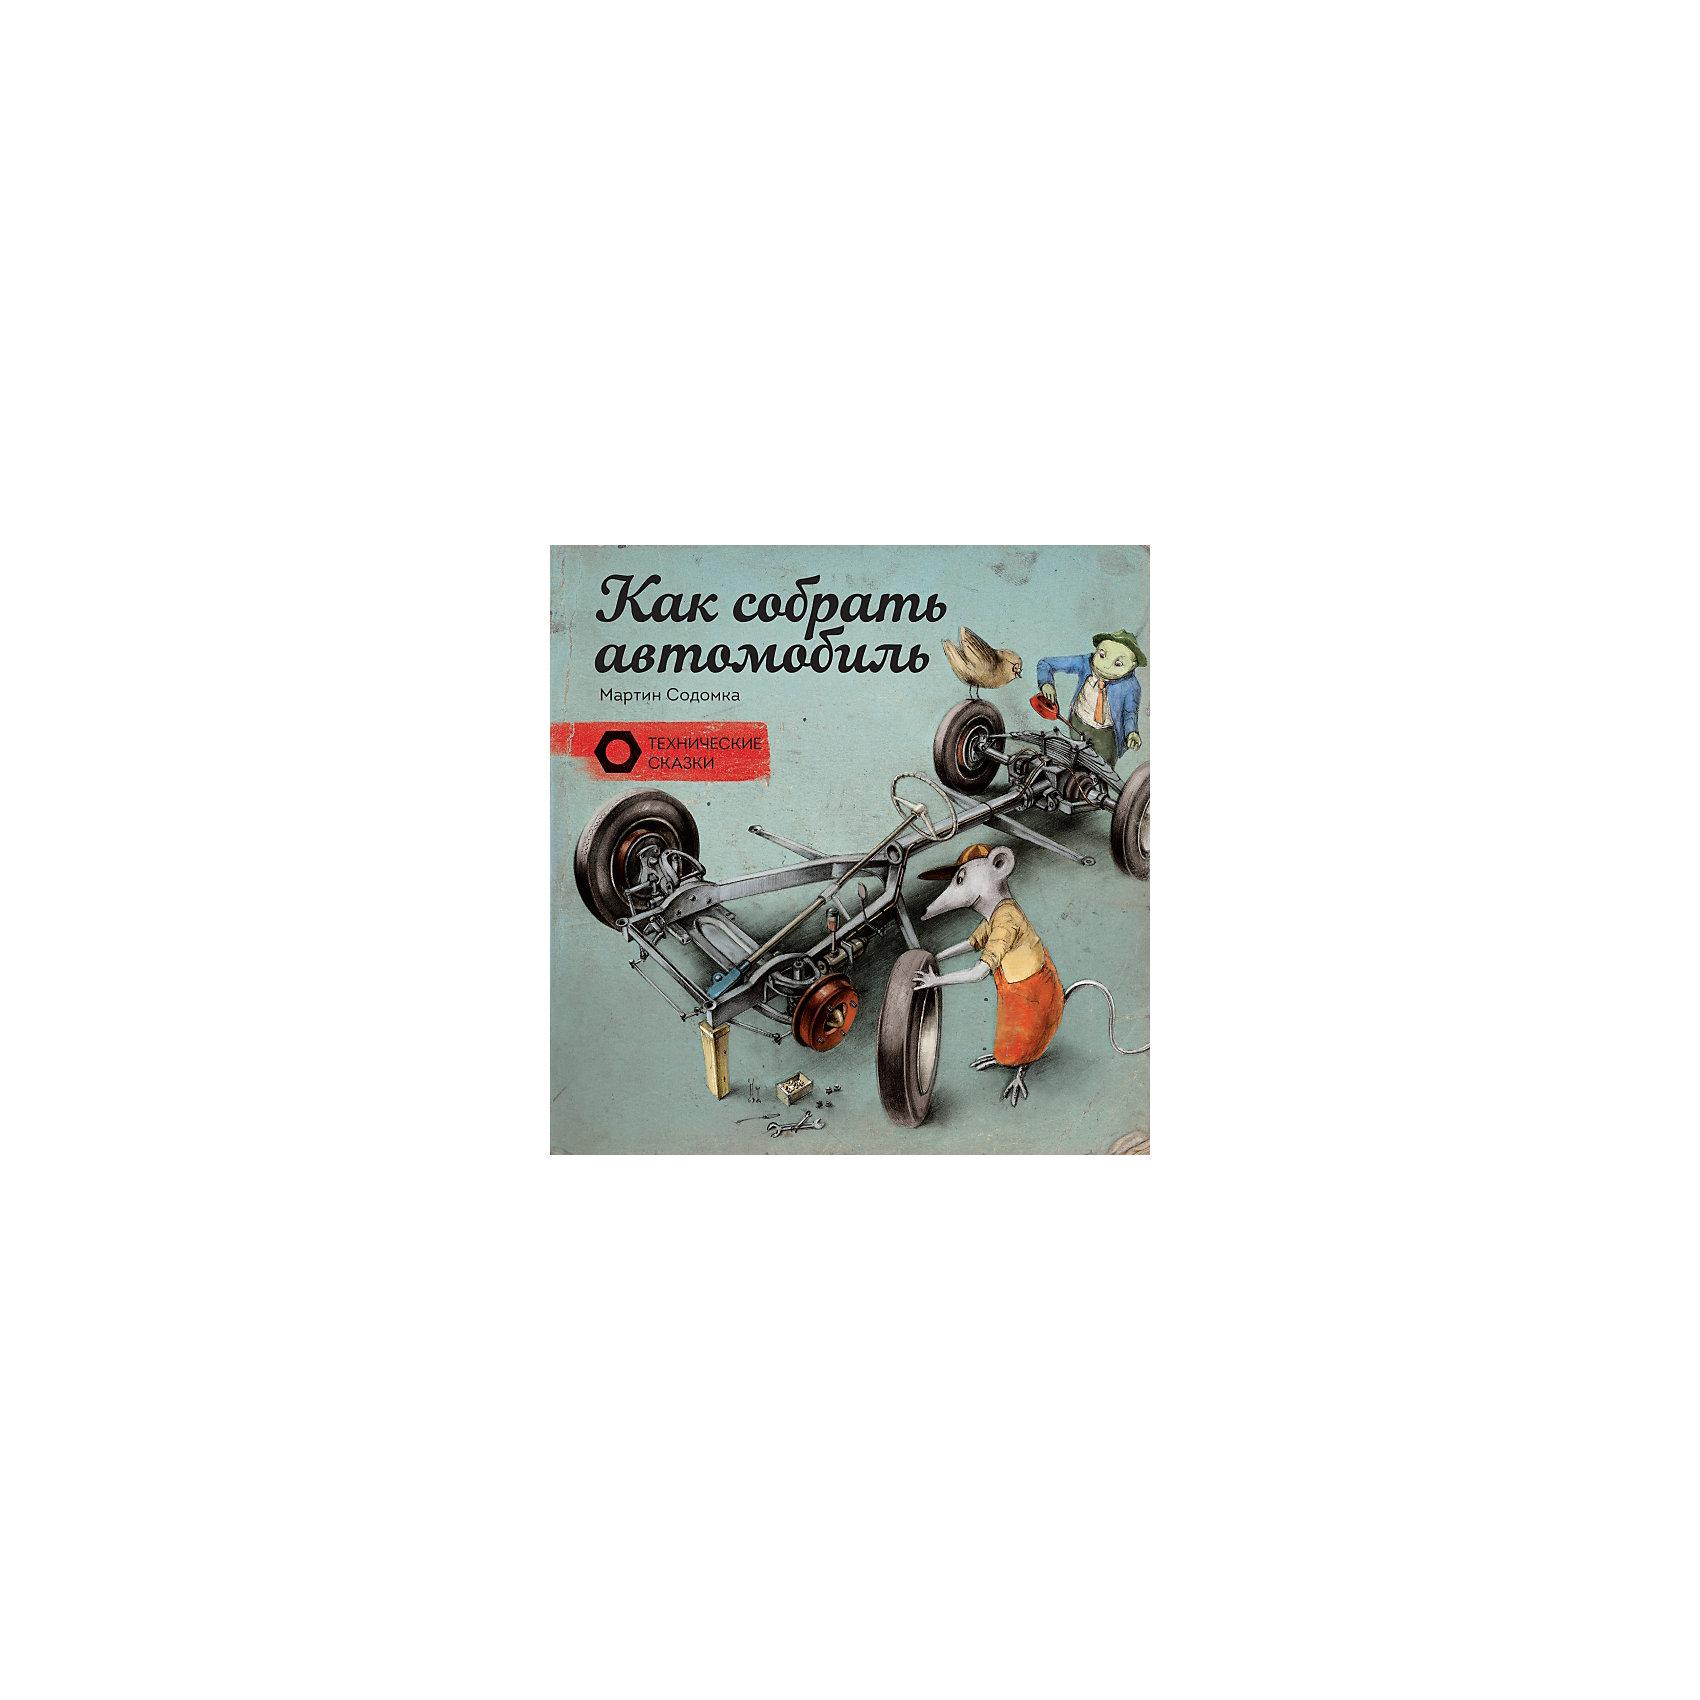 Книга Как собрать автомобильЭта история началась с того, что двое друзей - мышонок Арни и воробей Билл - решили собрать автомобиль. Вскоре к ним присоединился лягушонок Кристиан, который снабдил их всеми необходимыми деталями. Следя за приключениями Арни и его друзей, читатель узнает много нового о конструкции и принципе работы автомобиля: устройстве двигателя, сцепления, тормоза, распределителя и других систем.<br><br>Ширина мм: 215<br>Глубина мм: 215<br>Высота мм: 10<br>Вес г: 392<br>Возраст от месяцев: 72<br>Возраст до месяцев: 2147483647<br>Пол: Унисекс<br>Возраст: Детский<br>SKU: 5535253